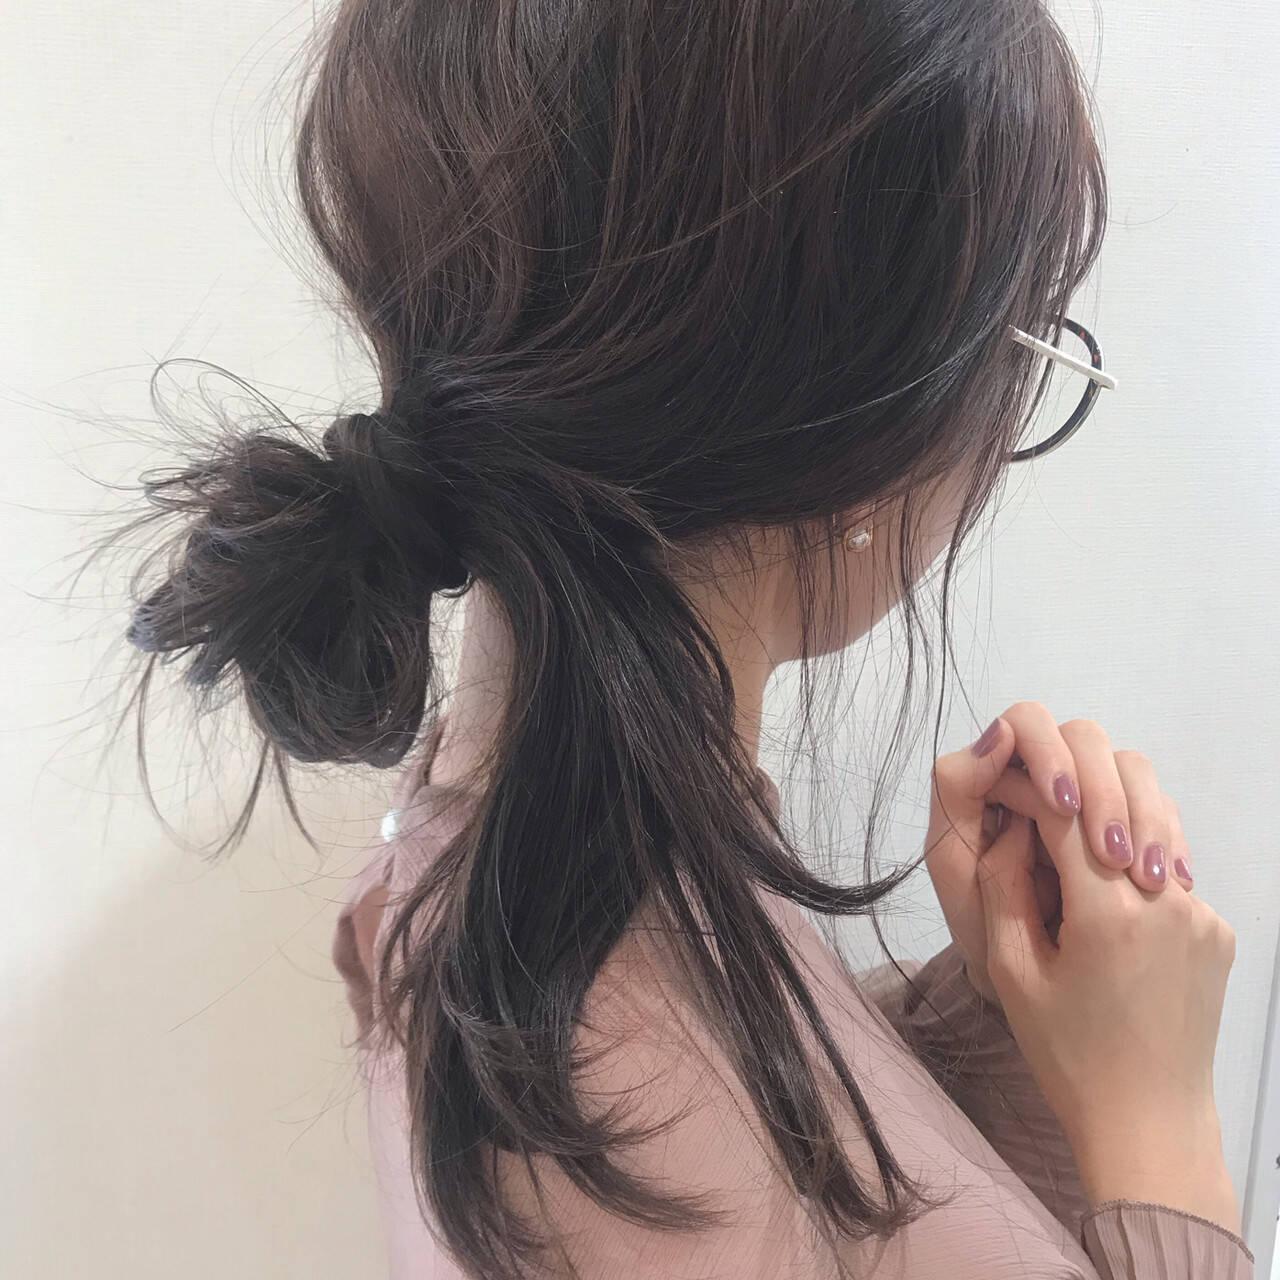 セミロング お団子ヘア ヘアアレンジ 簡単ヘアアレンジヘアスタイルや髪型の写真・画像